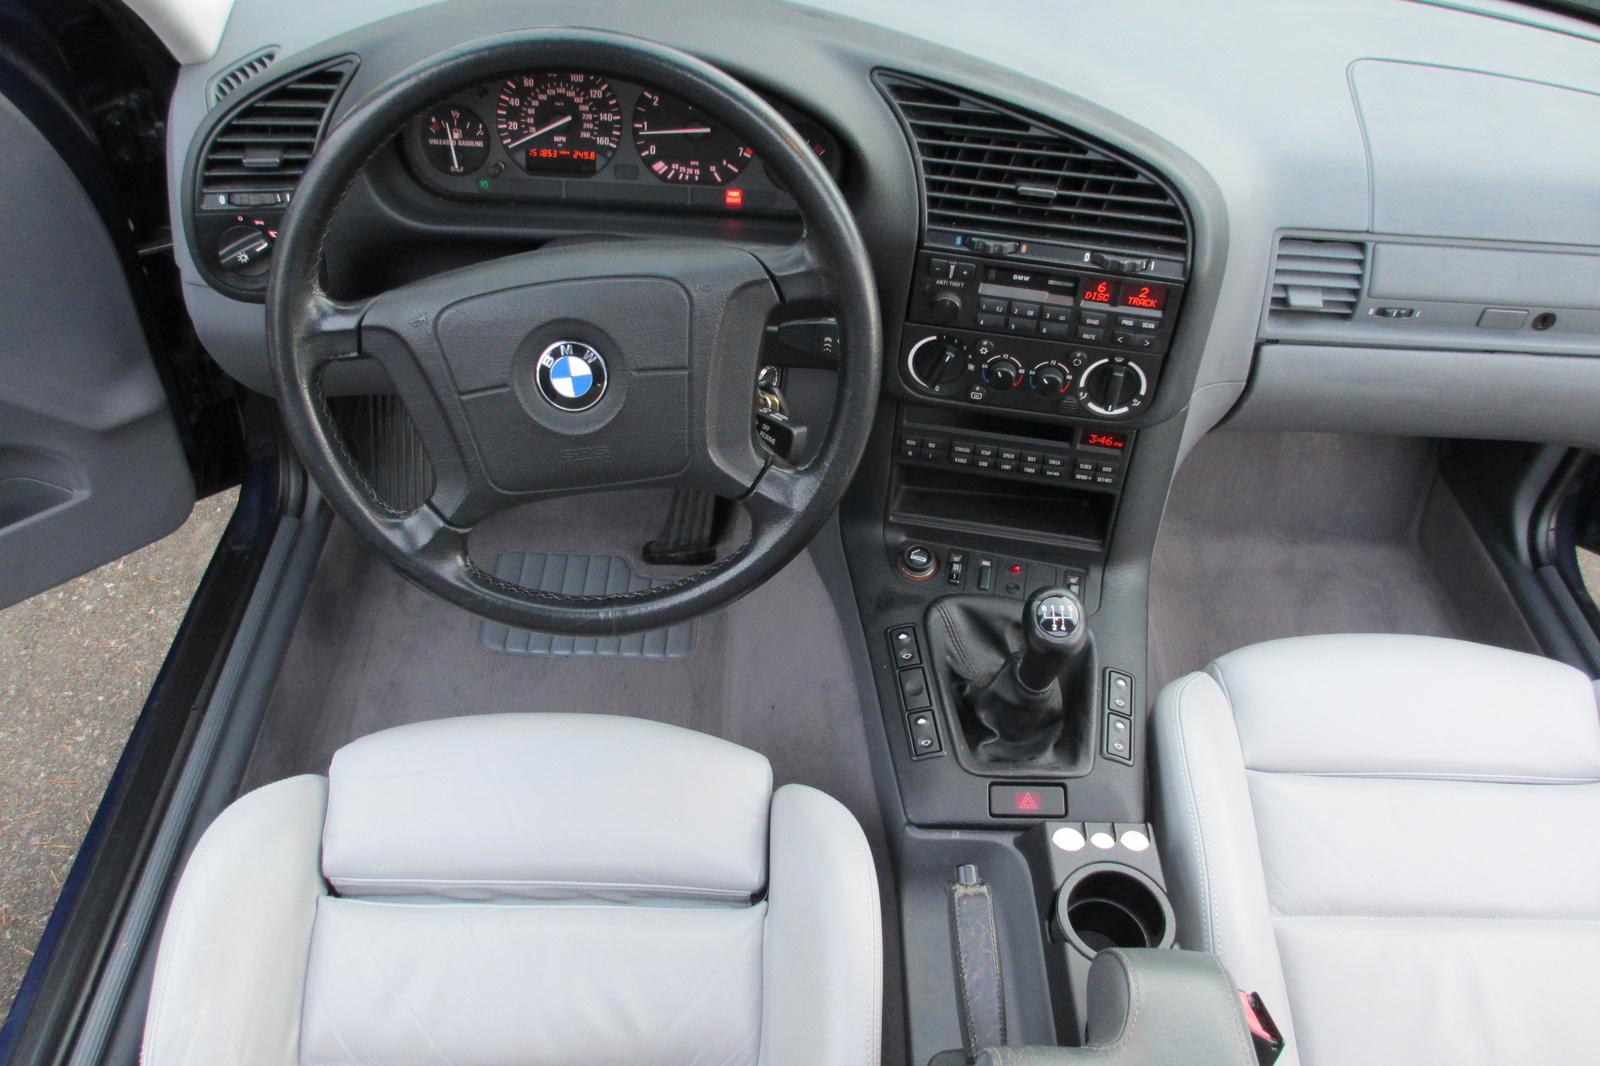 1995 BMW 3 Series - Interior Pictures - CarGurus